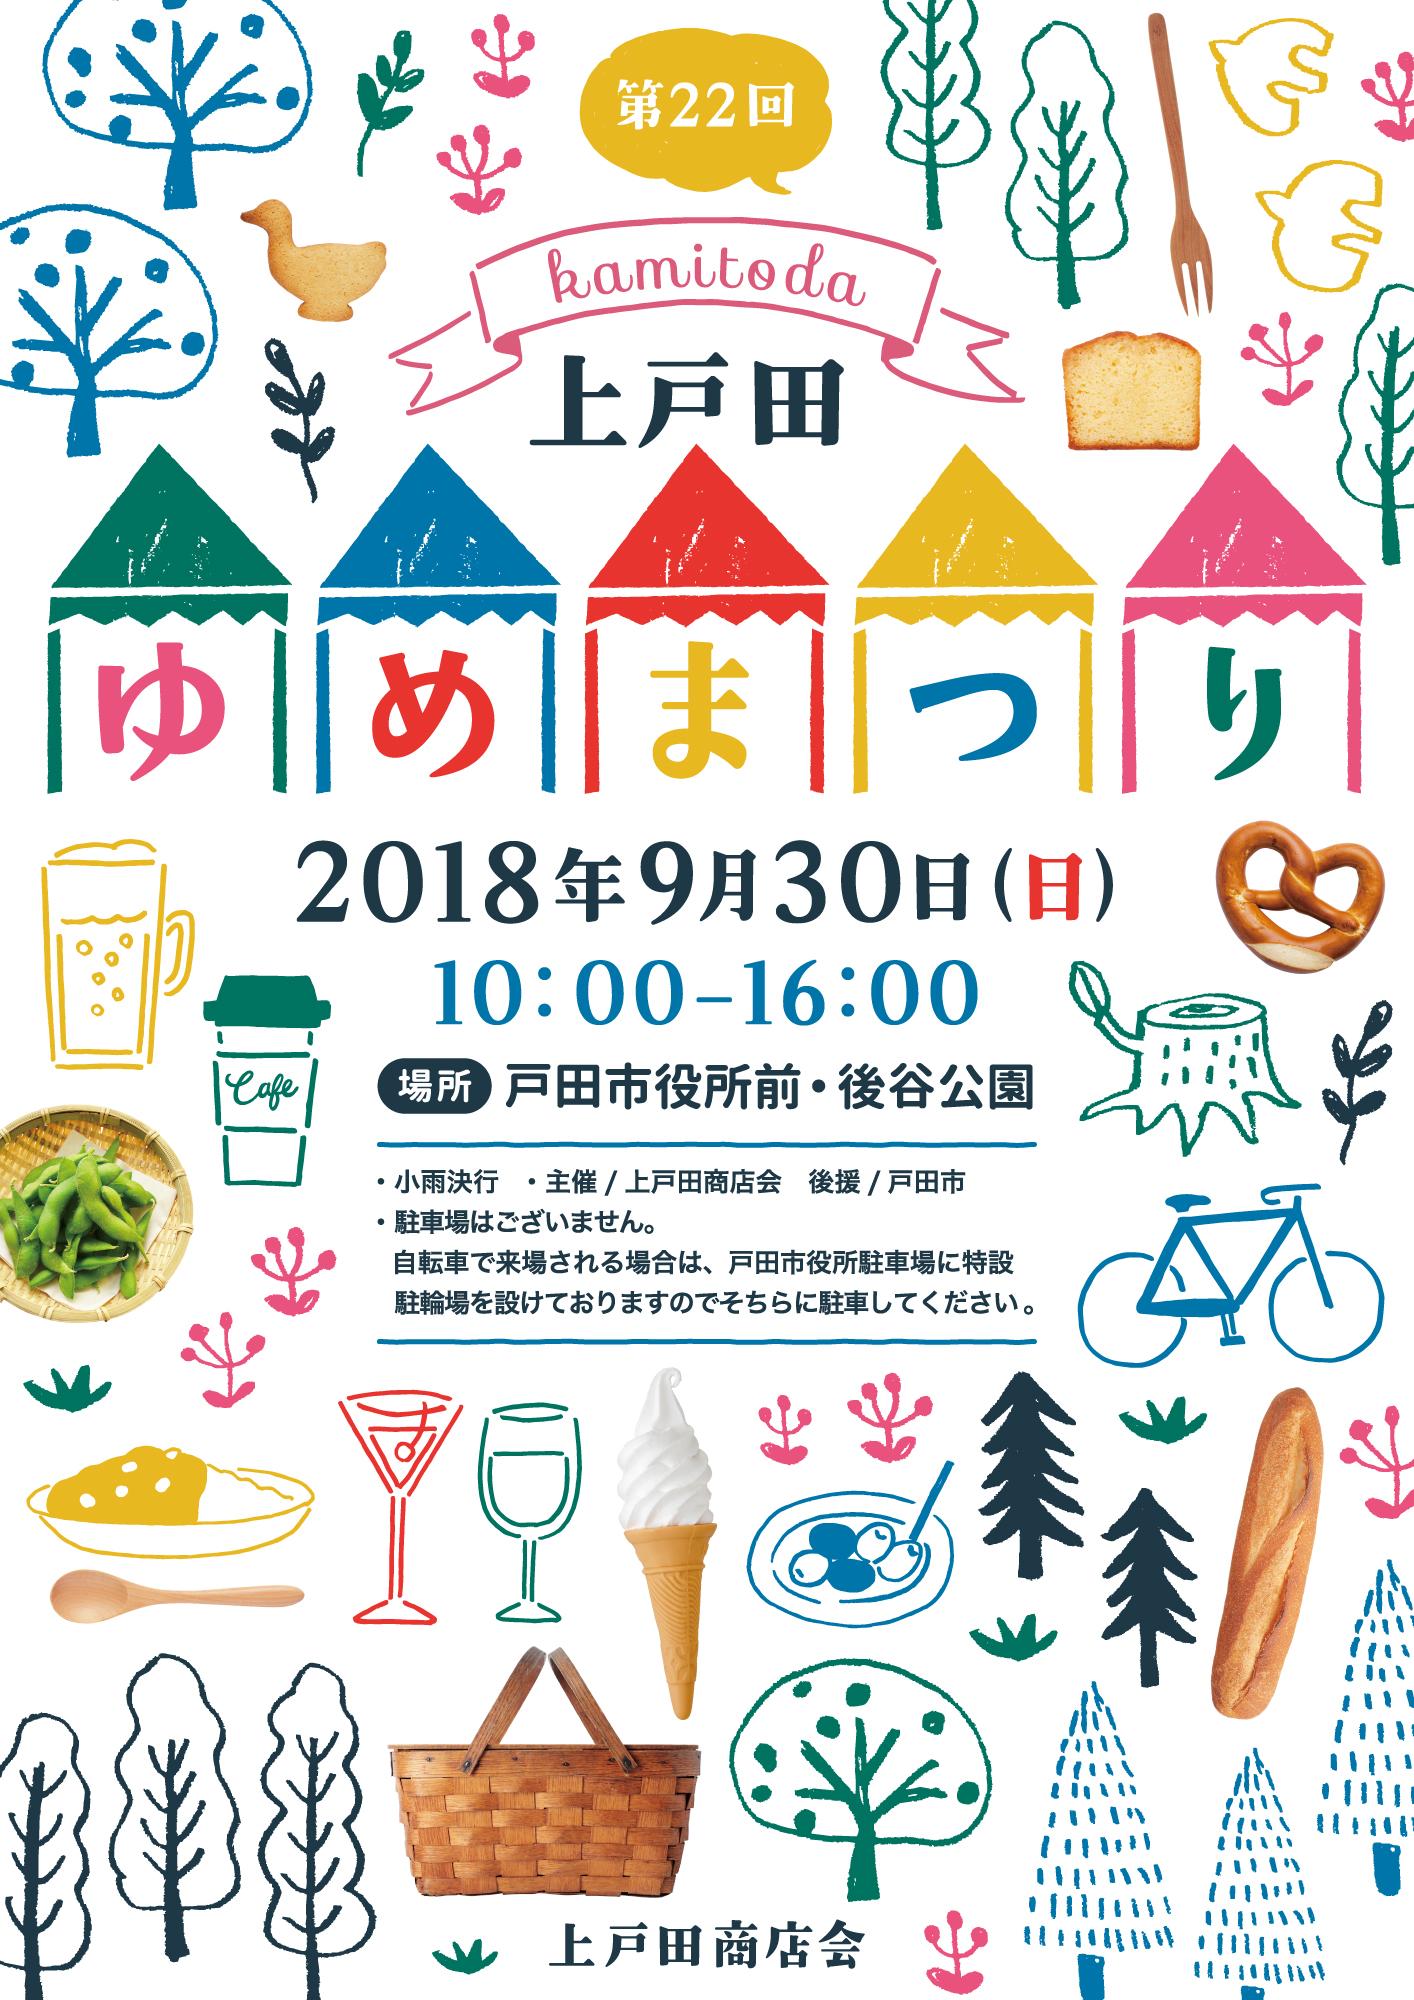 上戸田ゆめまつり2018